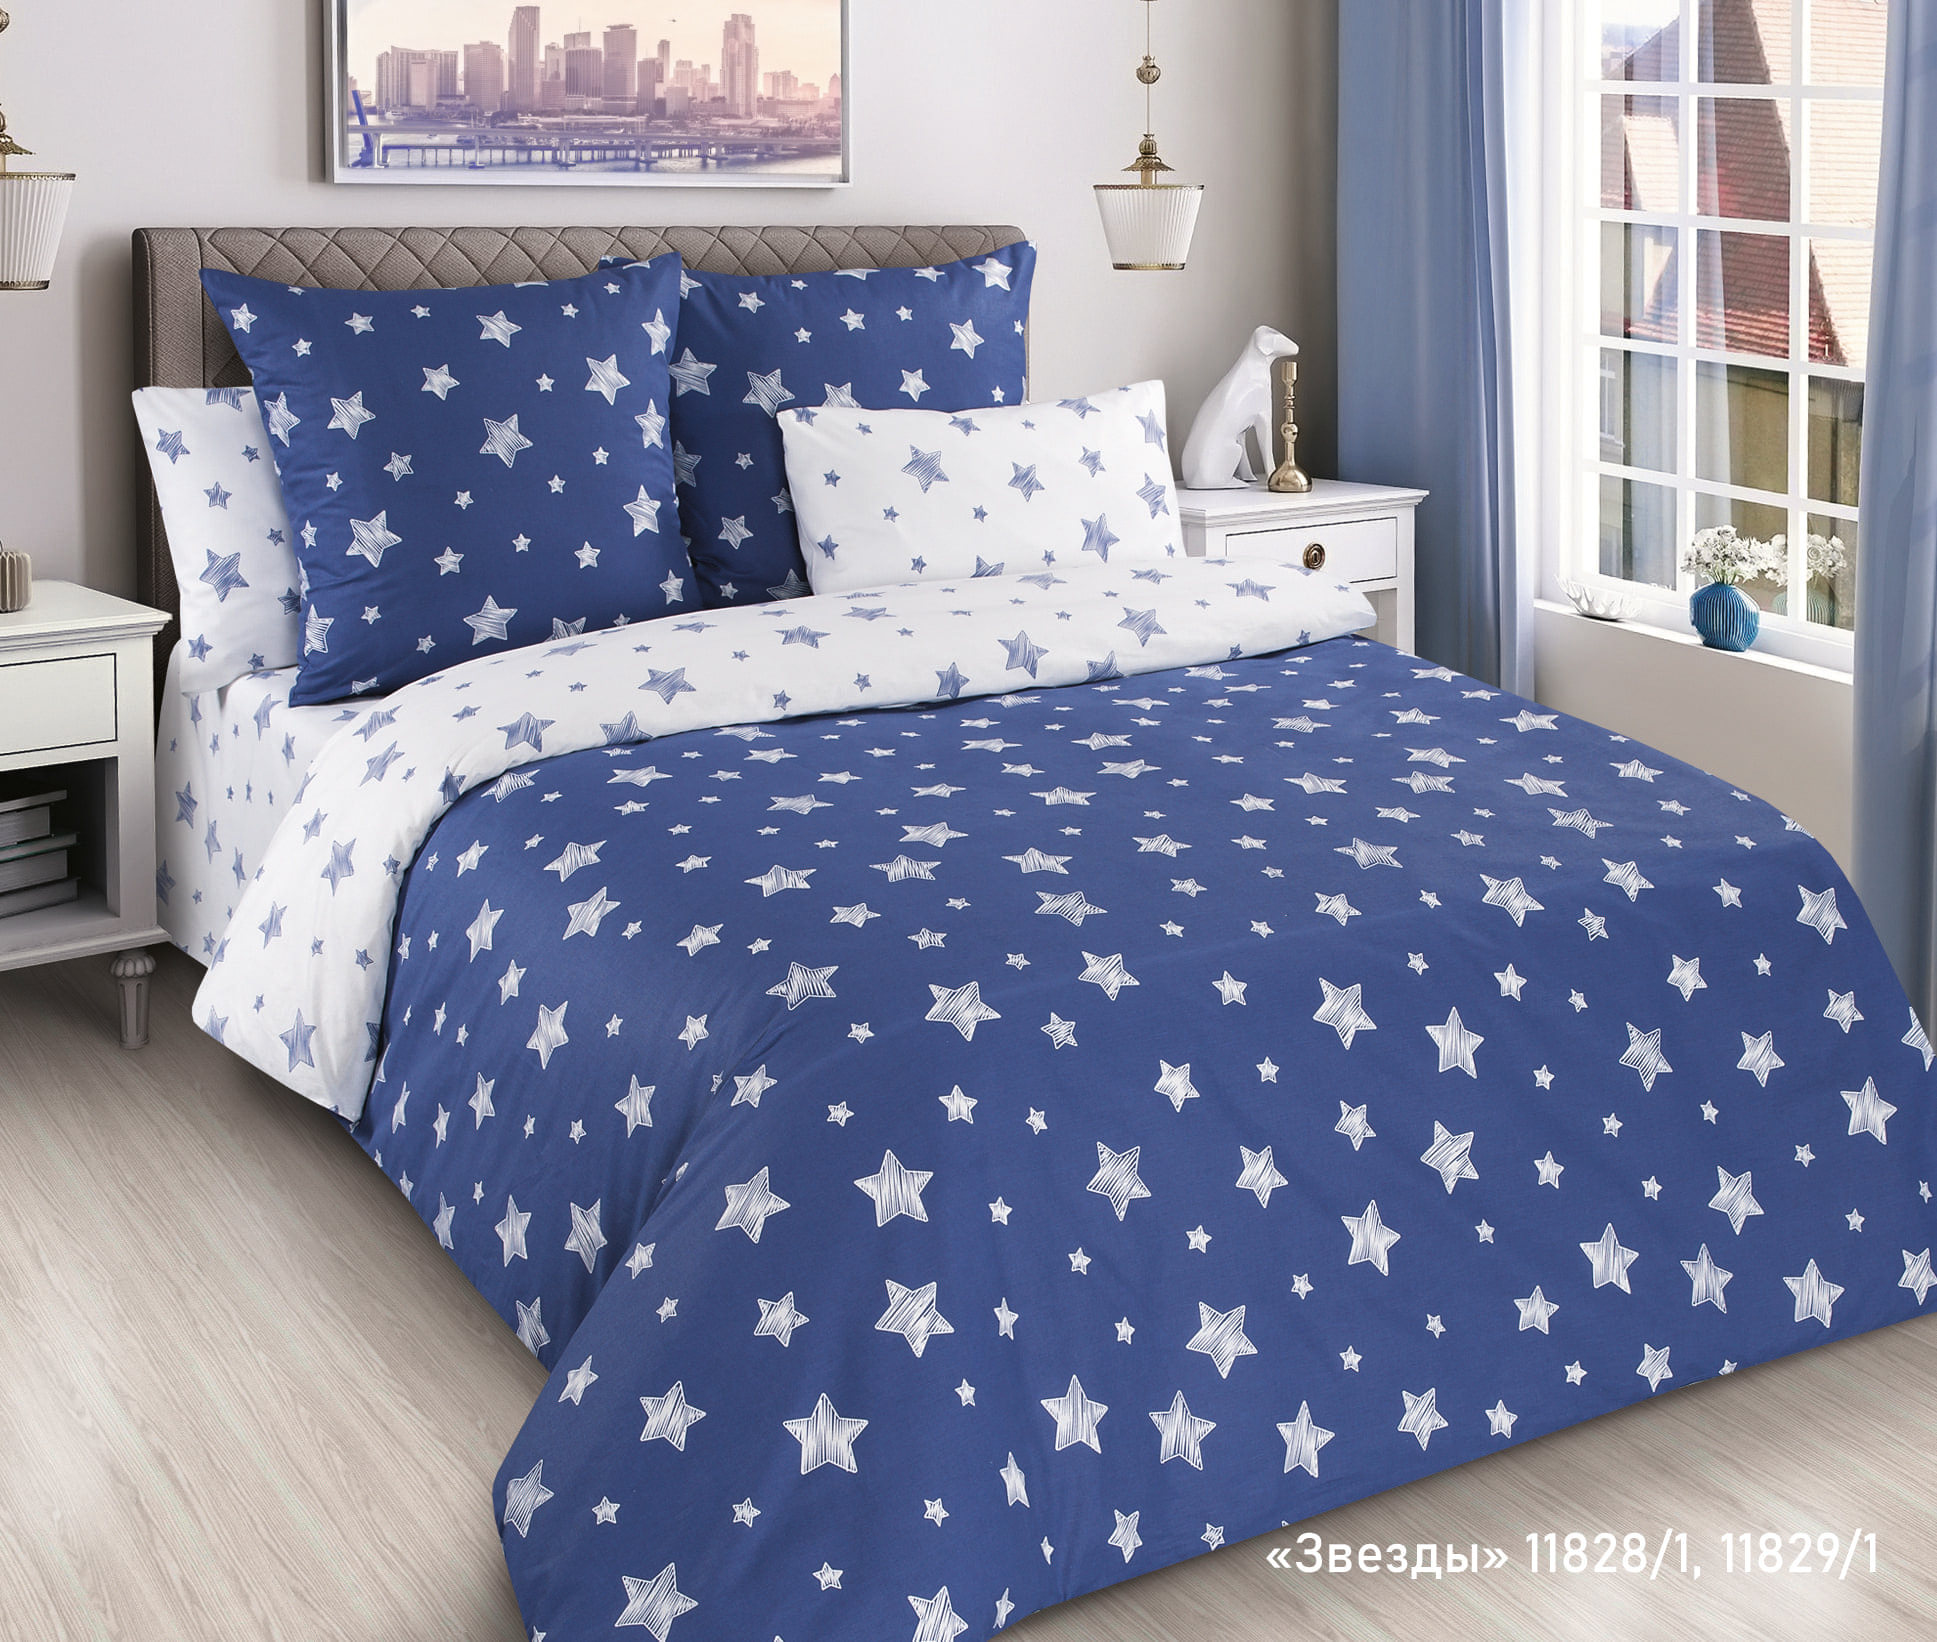 komplekt-postelnogo-belya-evrostandart-poplin-zvezdy